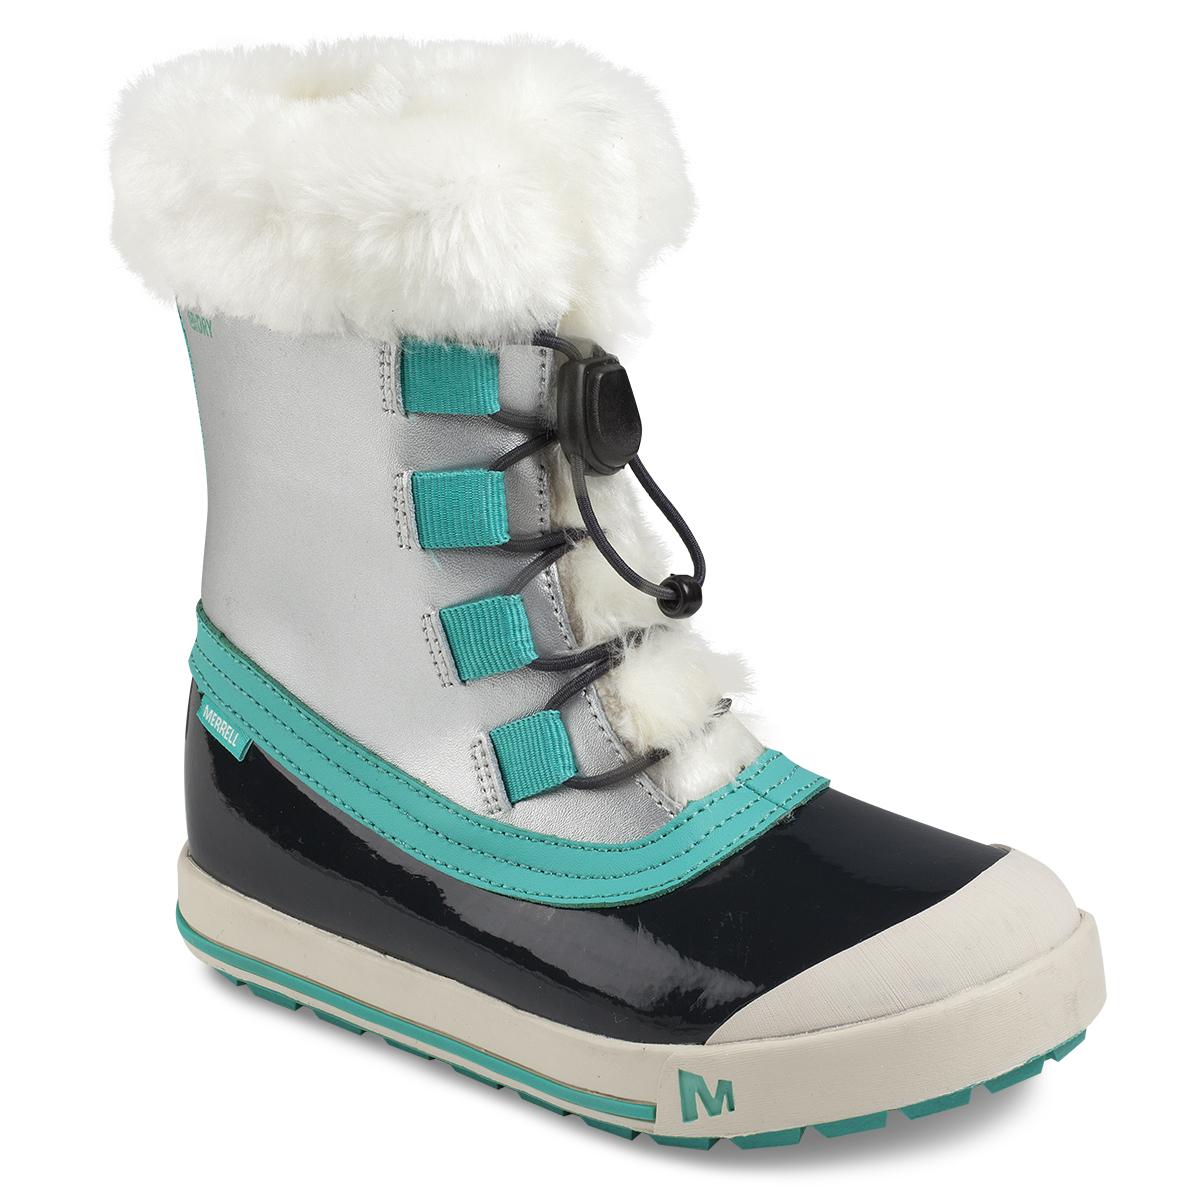 Merrell Spruzzi Waterproof Kids 95970  1339c33f1ab